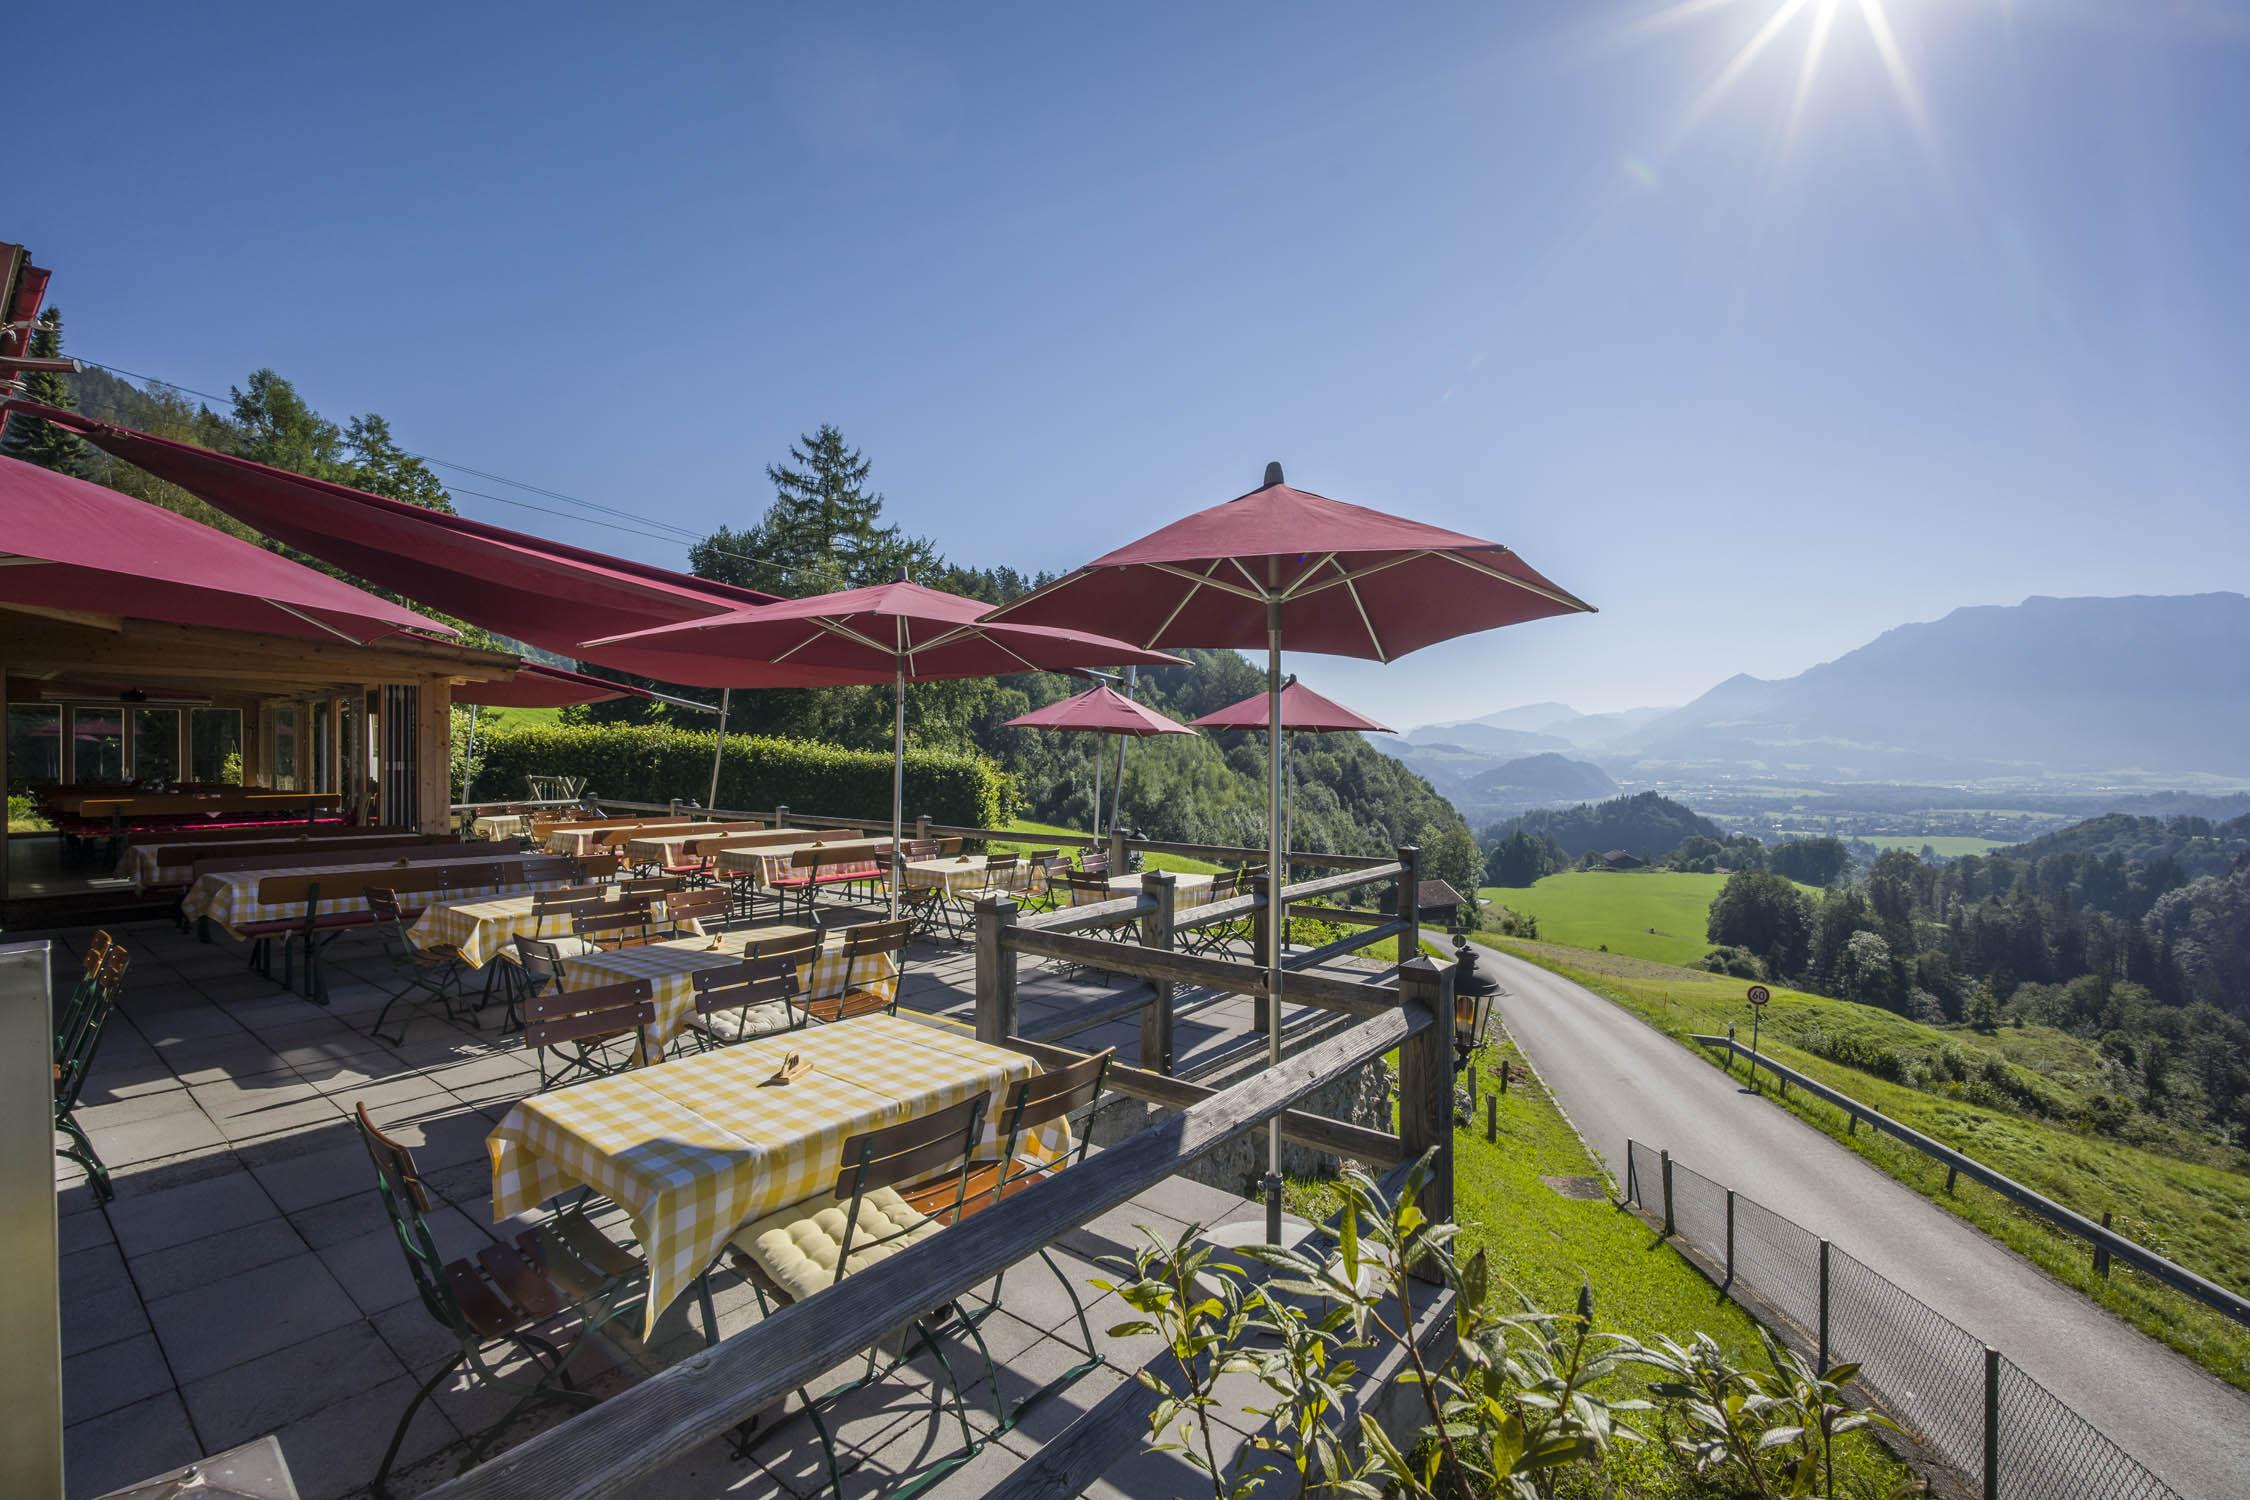 Ferienwohnung Berggasthof Hummelei (DE Oberaudorf). Ferienwohnung bis 4 Personen (711721), Oberaudorf, Chiemgau, Bayern, Deutschland, Bild 4